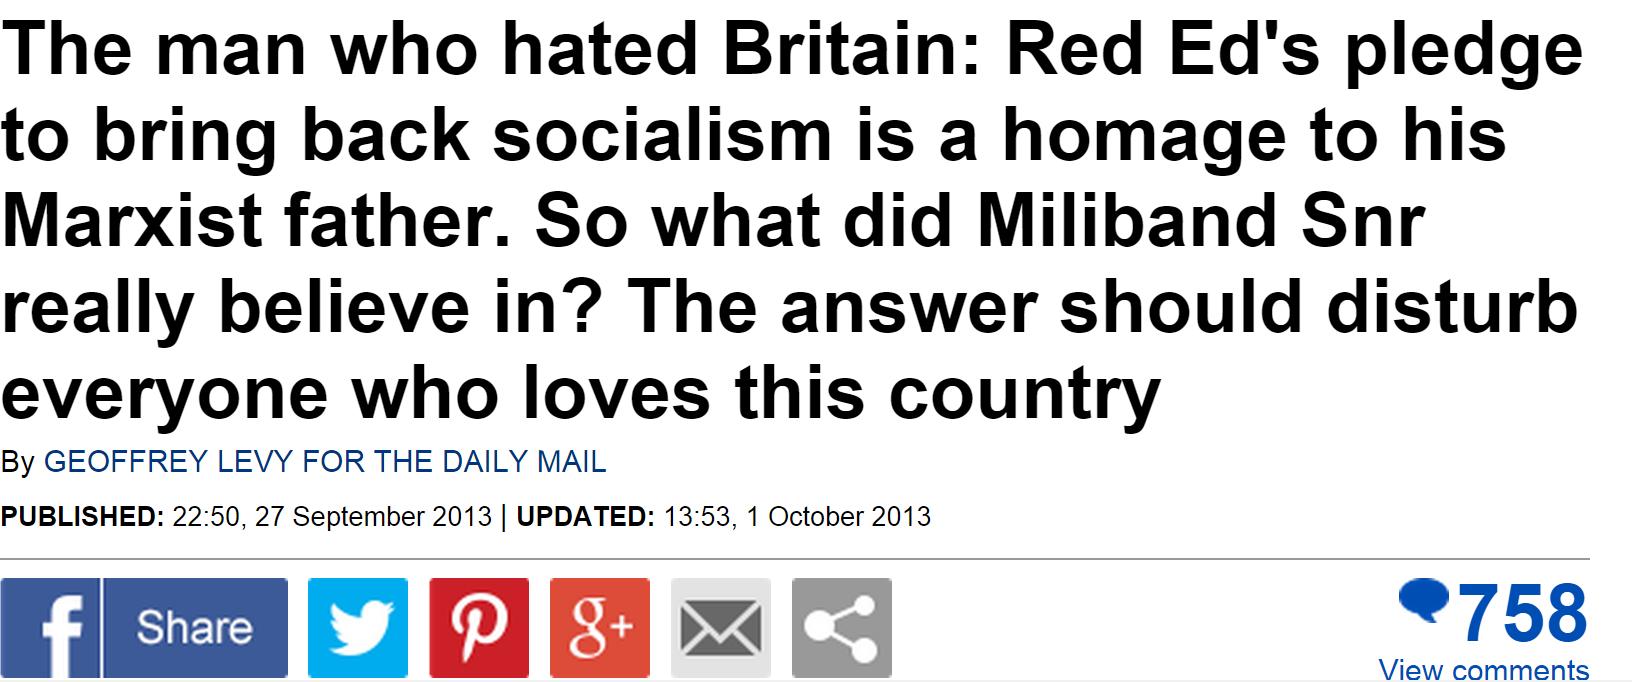 Curiosity gap Daily Mail clickbait